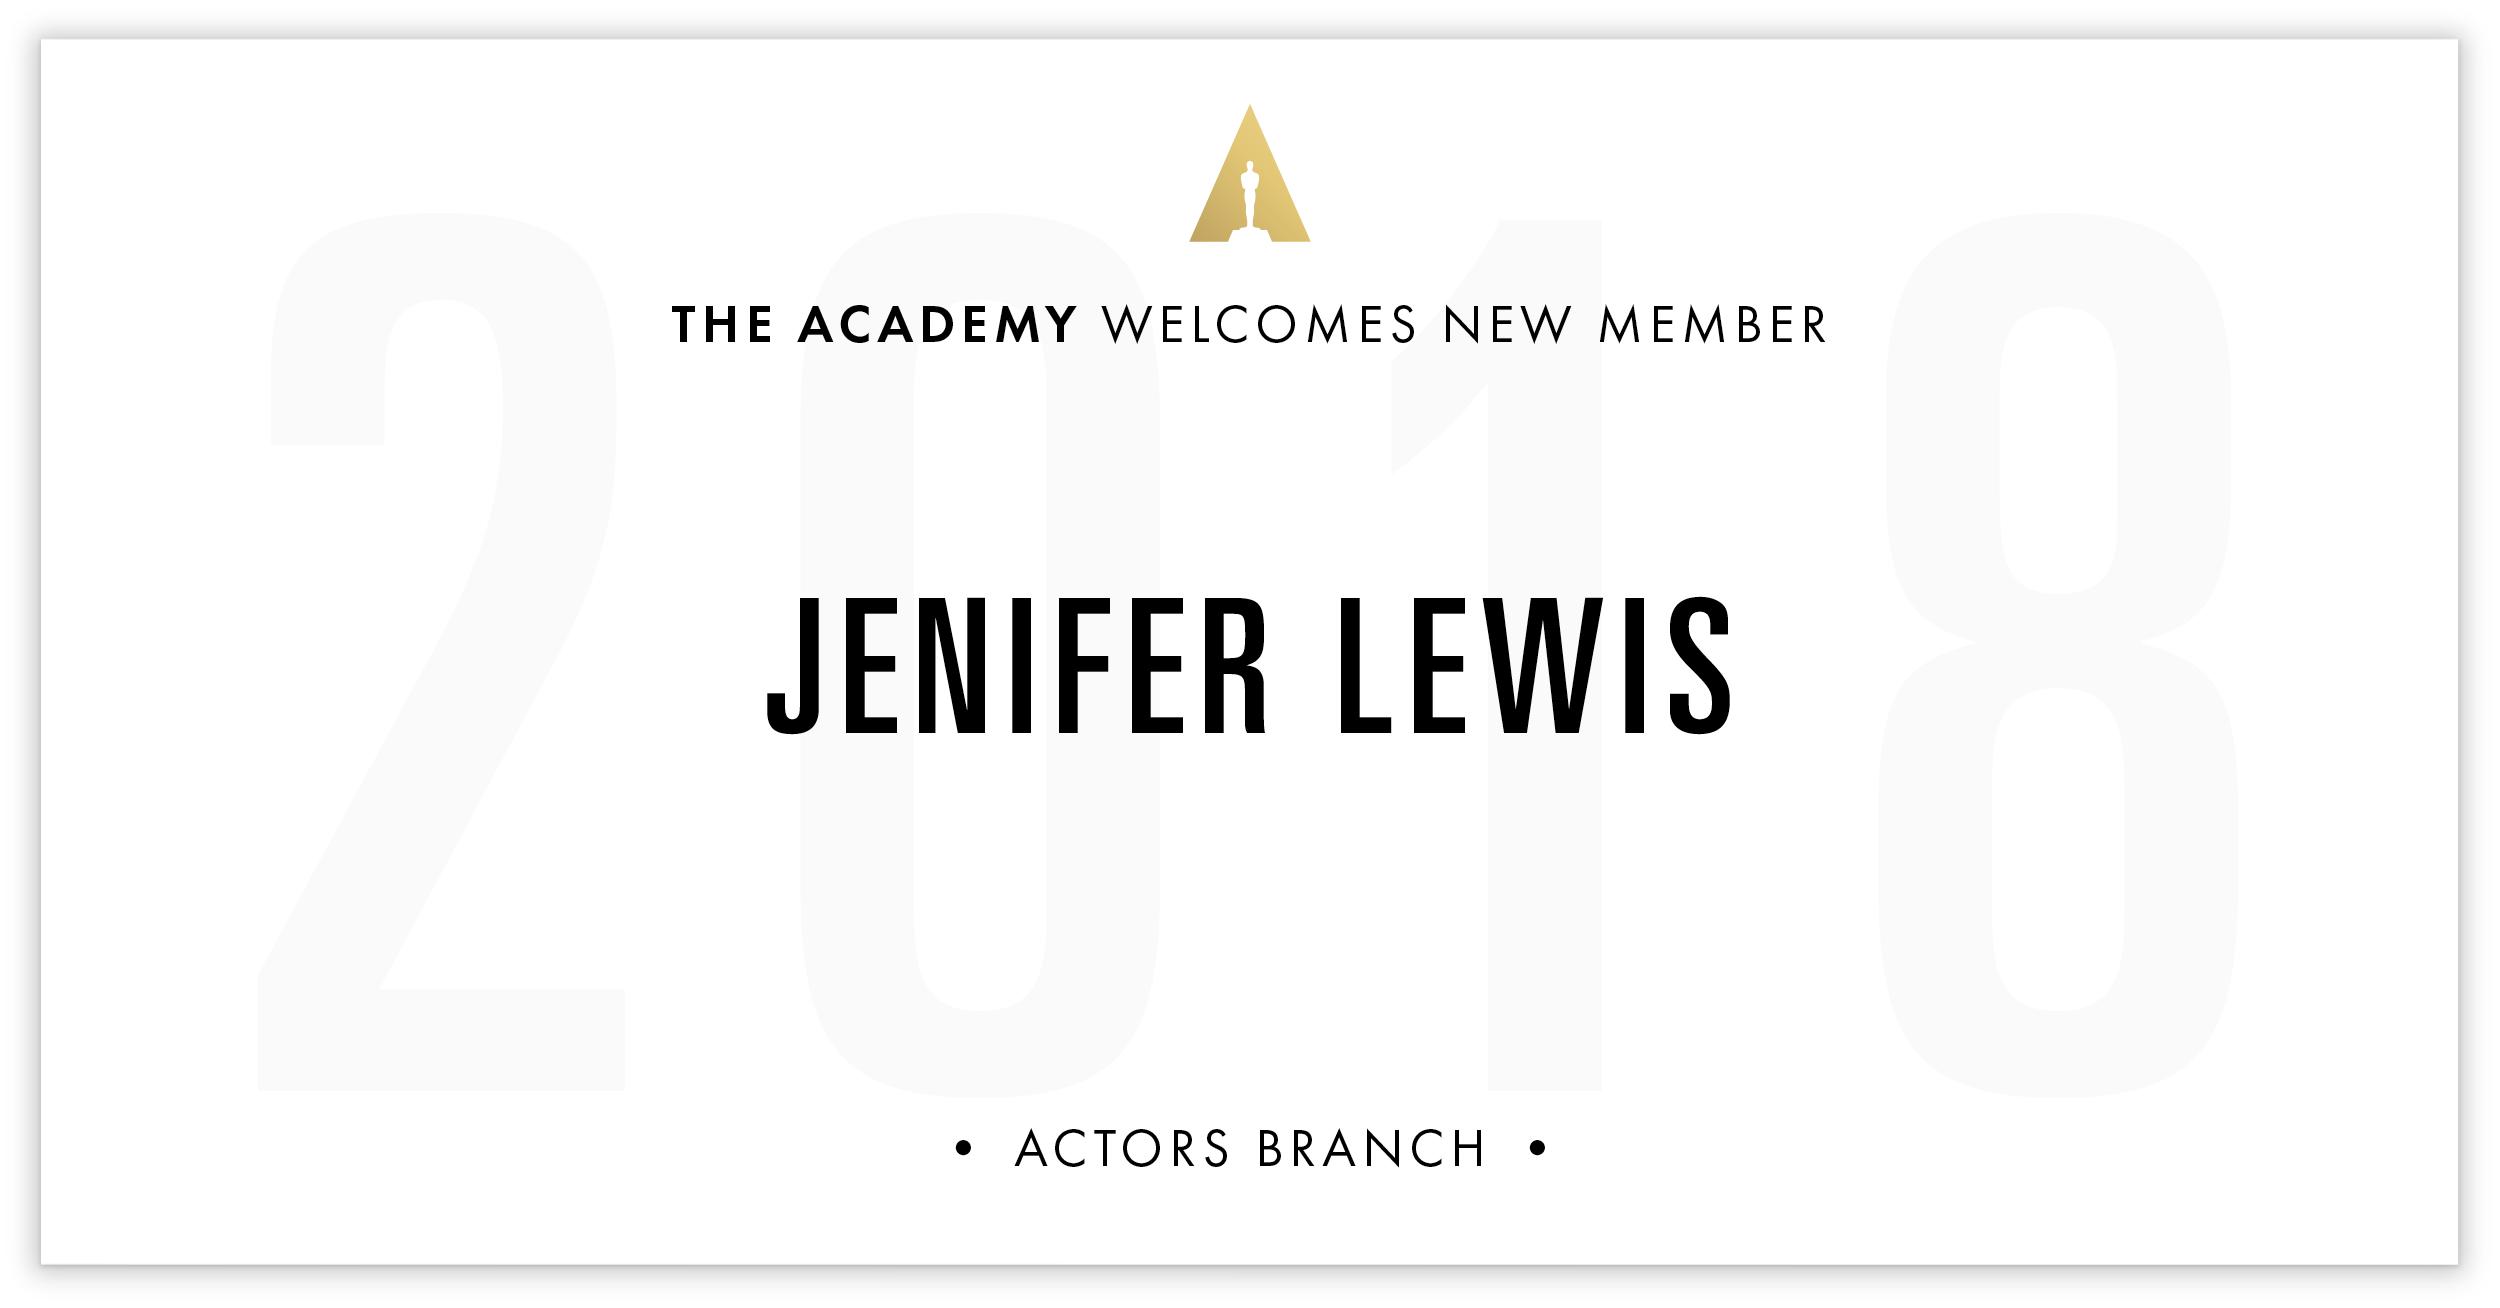 Jenifer Lewis is invited!